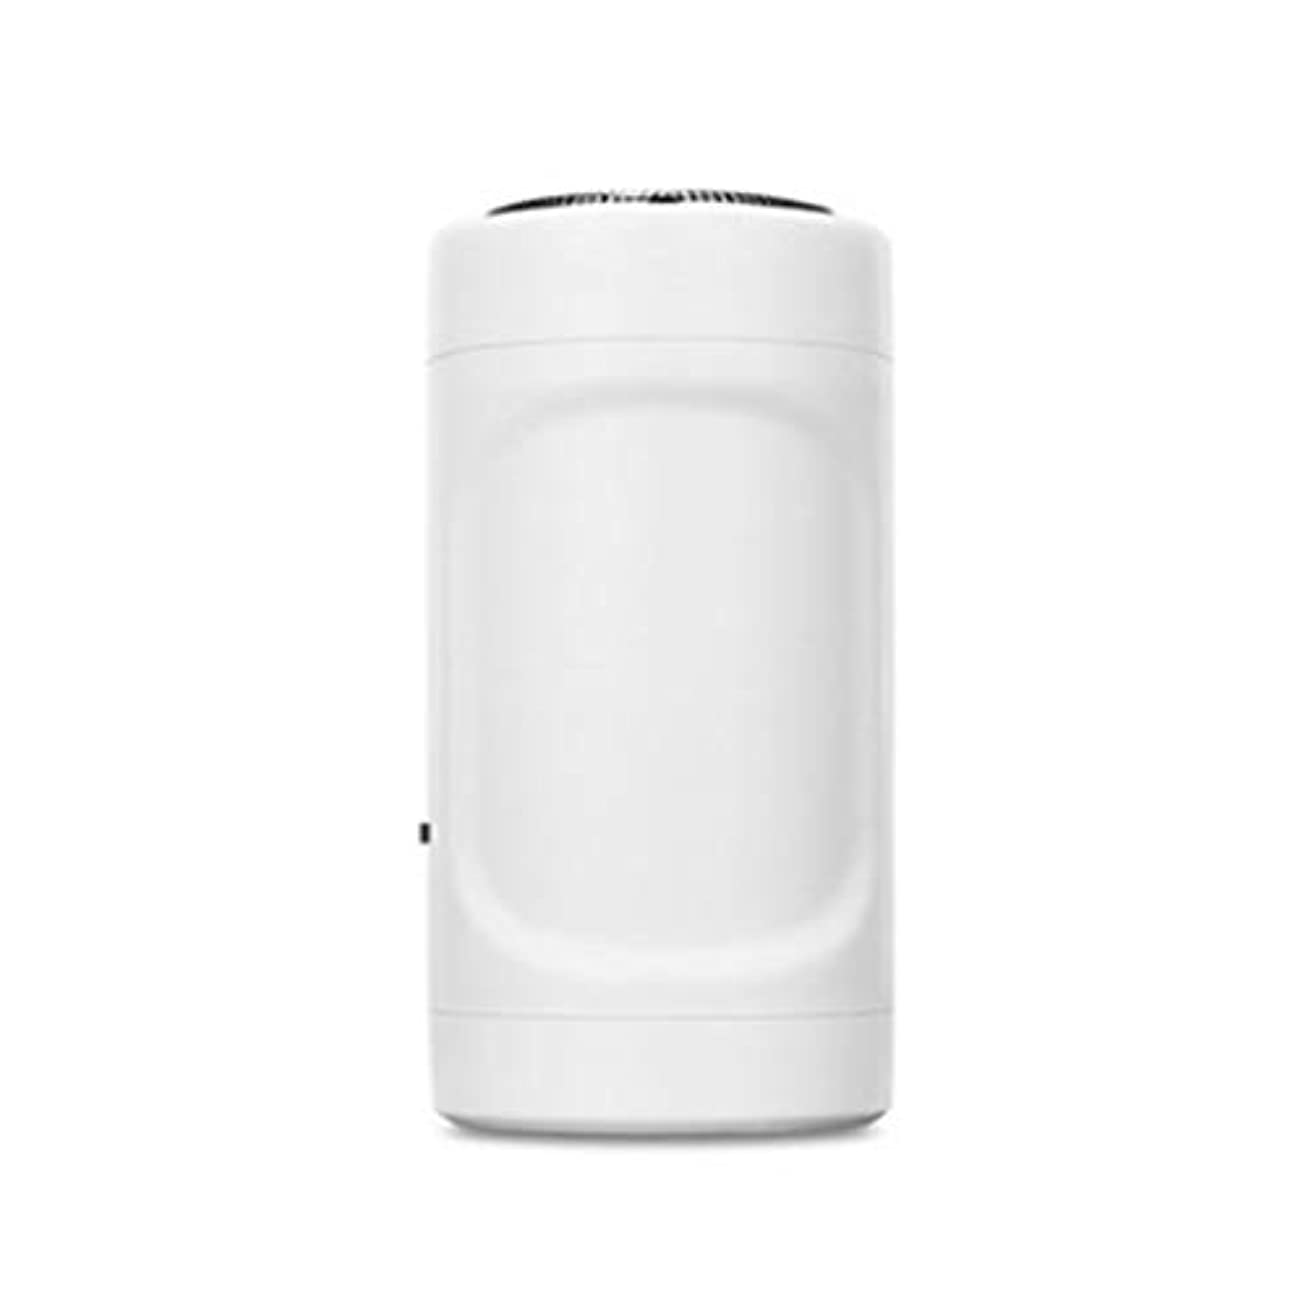 セグメント金貸し電話ミニシェーバーUSB Apple Androidミニ脱毛器屋外??旅行懐中電灯ミニポケット(ホワイト)